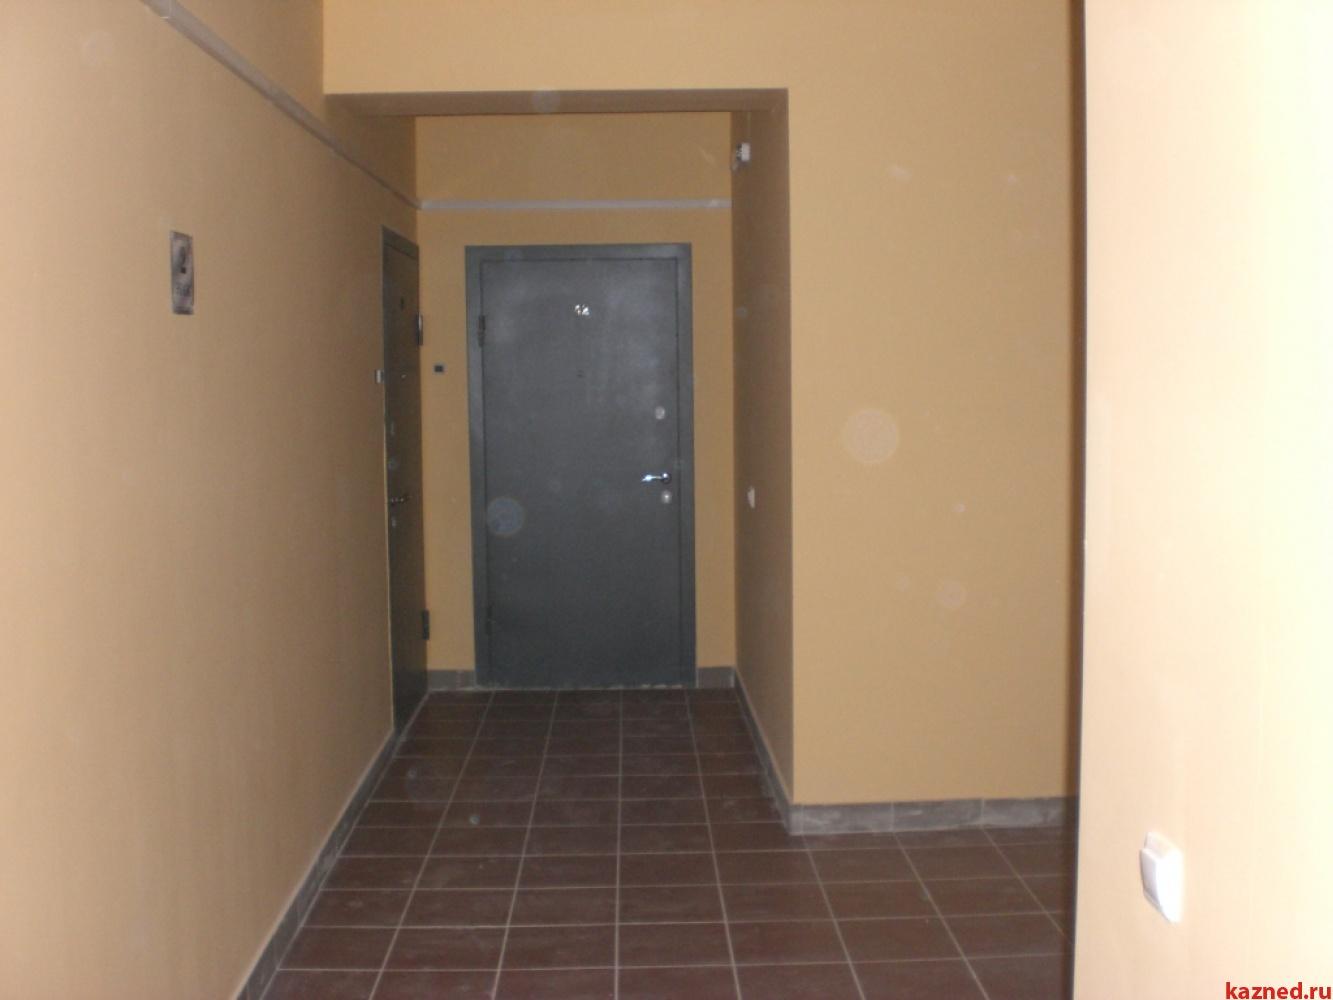 Продажа 3-к квартиры К. Насыри, 44, 94 м²  (миниатюра №3)